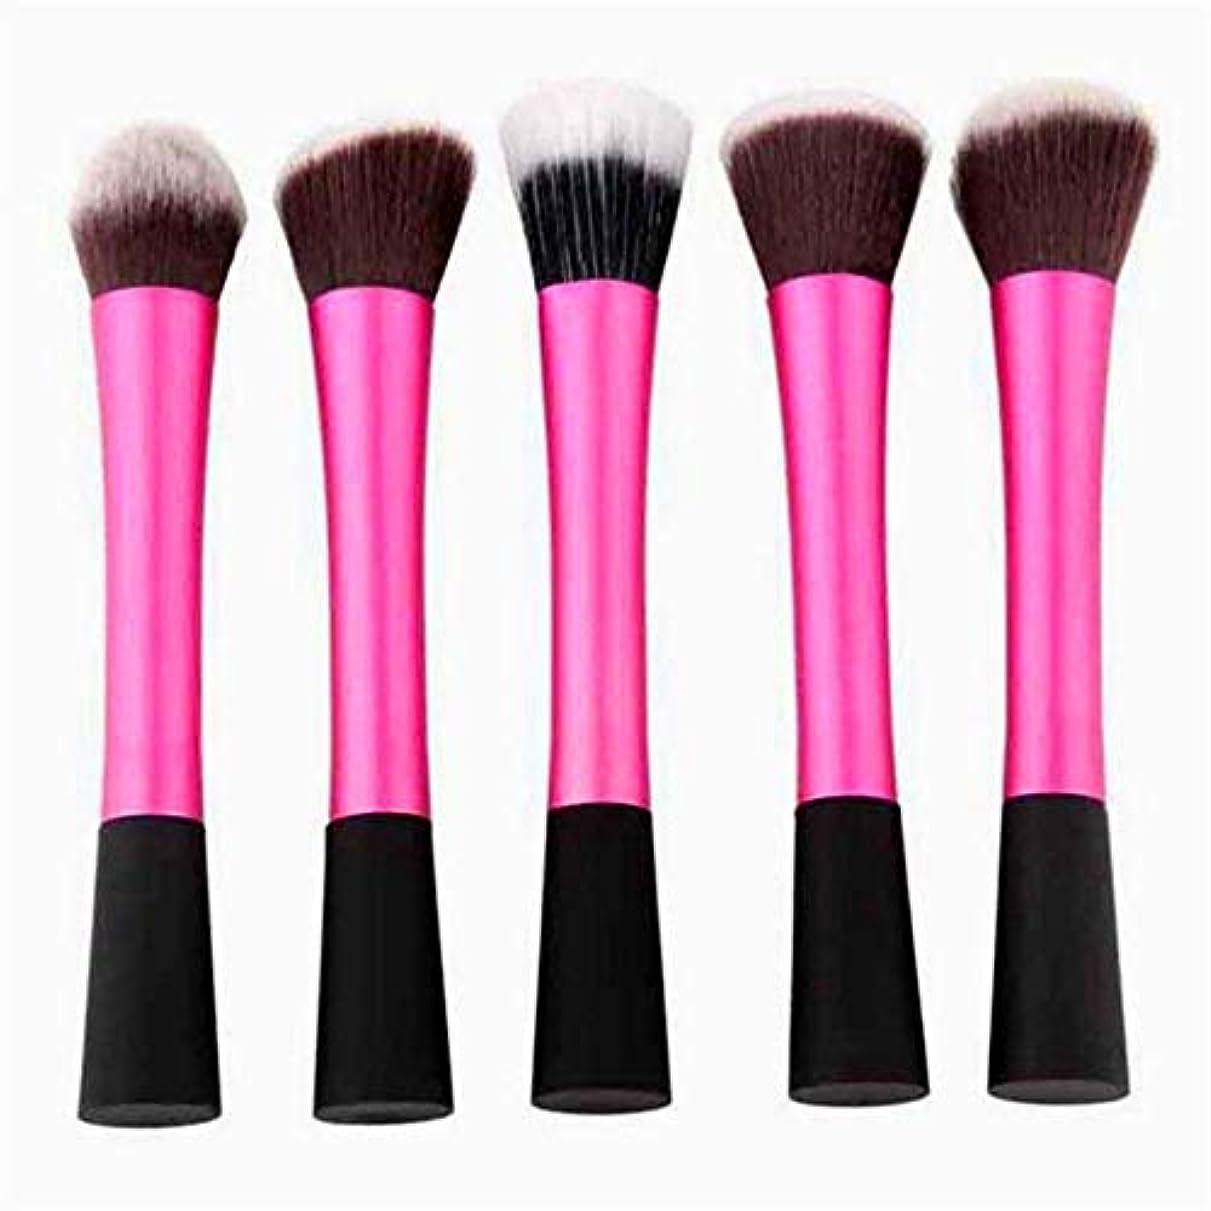 コークス真っ逆さまフラスコMakeup brushes 5ピースピンクメイクアップブラシセット熟したアイドルパウダーブラシアイシャドウブラシ輪郭ブラシ suits (Color : Pink)